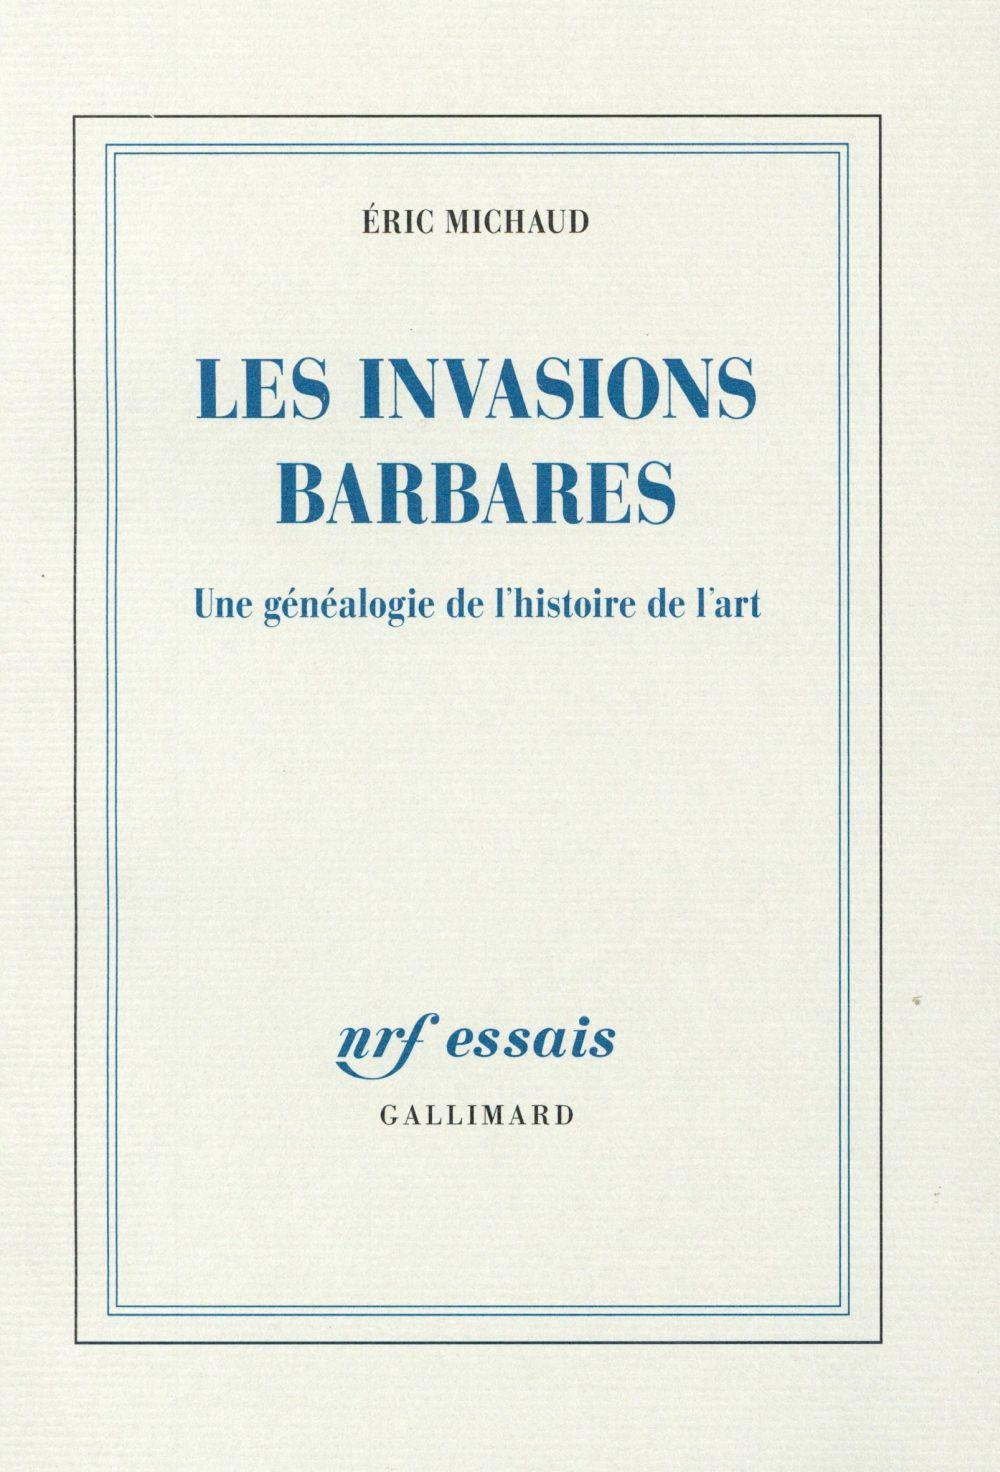 Les invasions barbares ; une généalogie de l'histoire de l'art